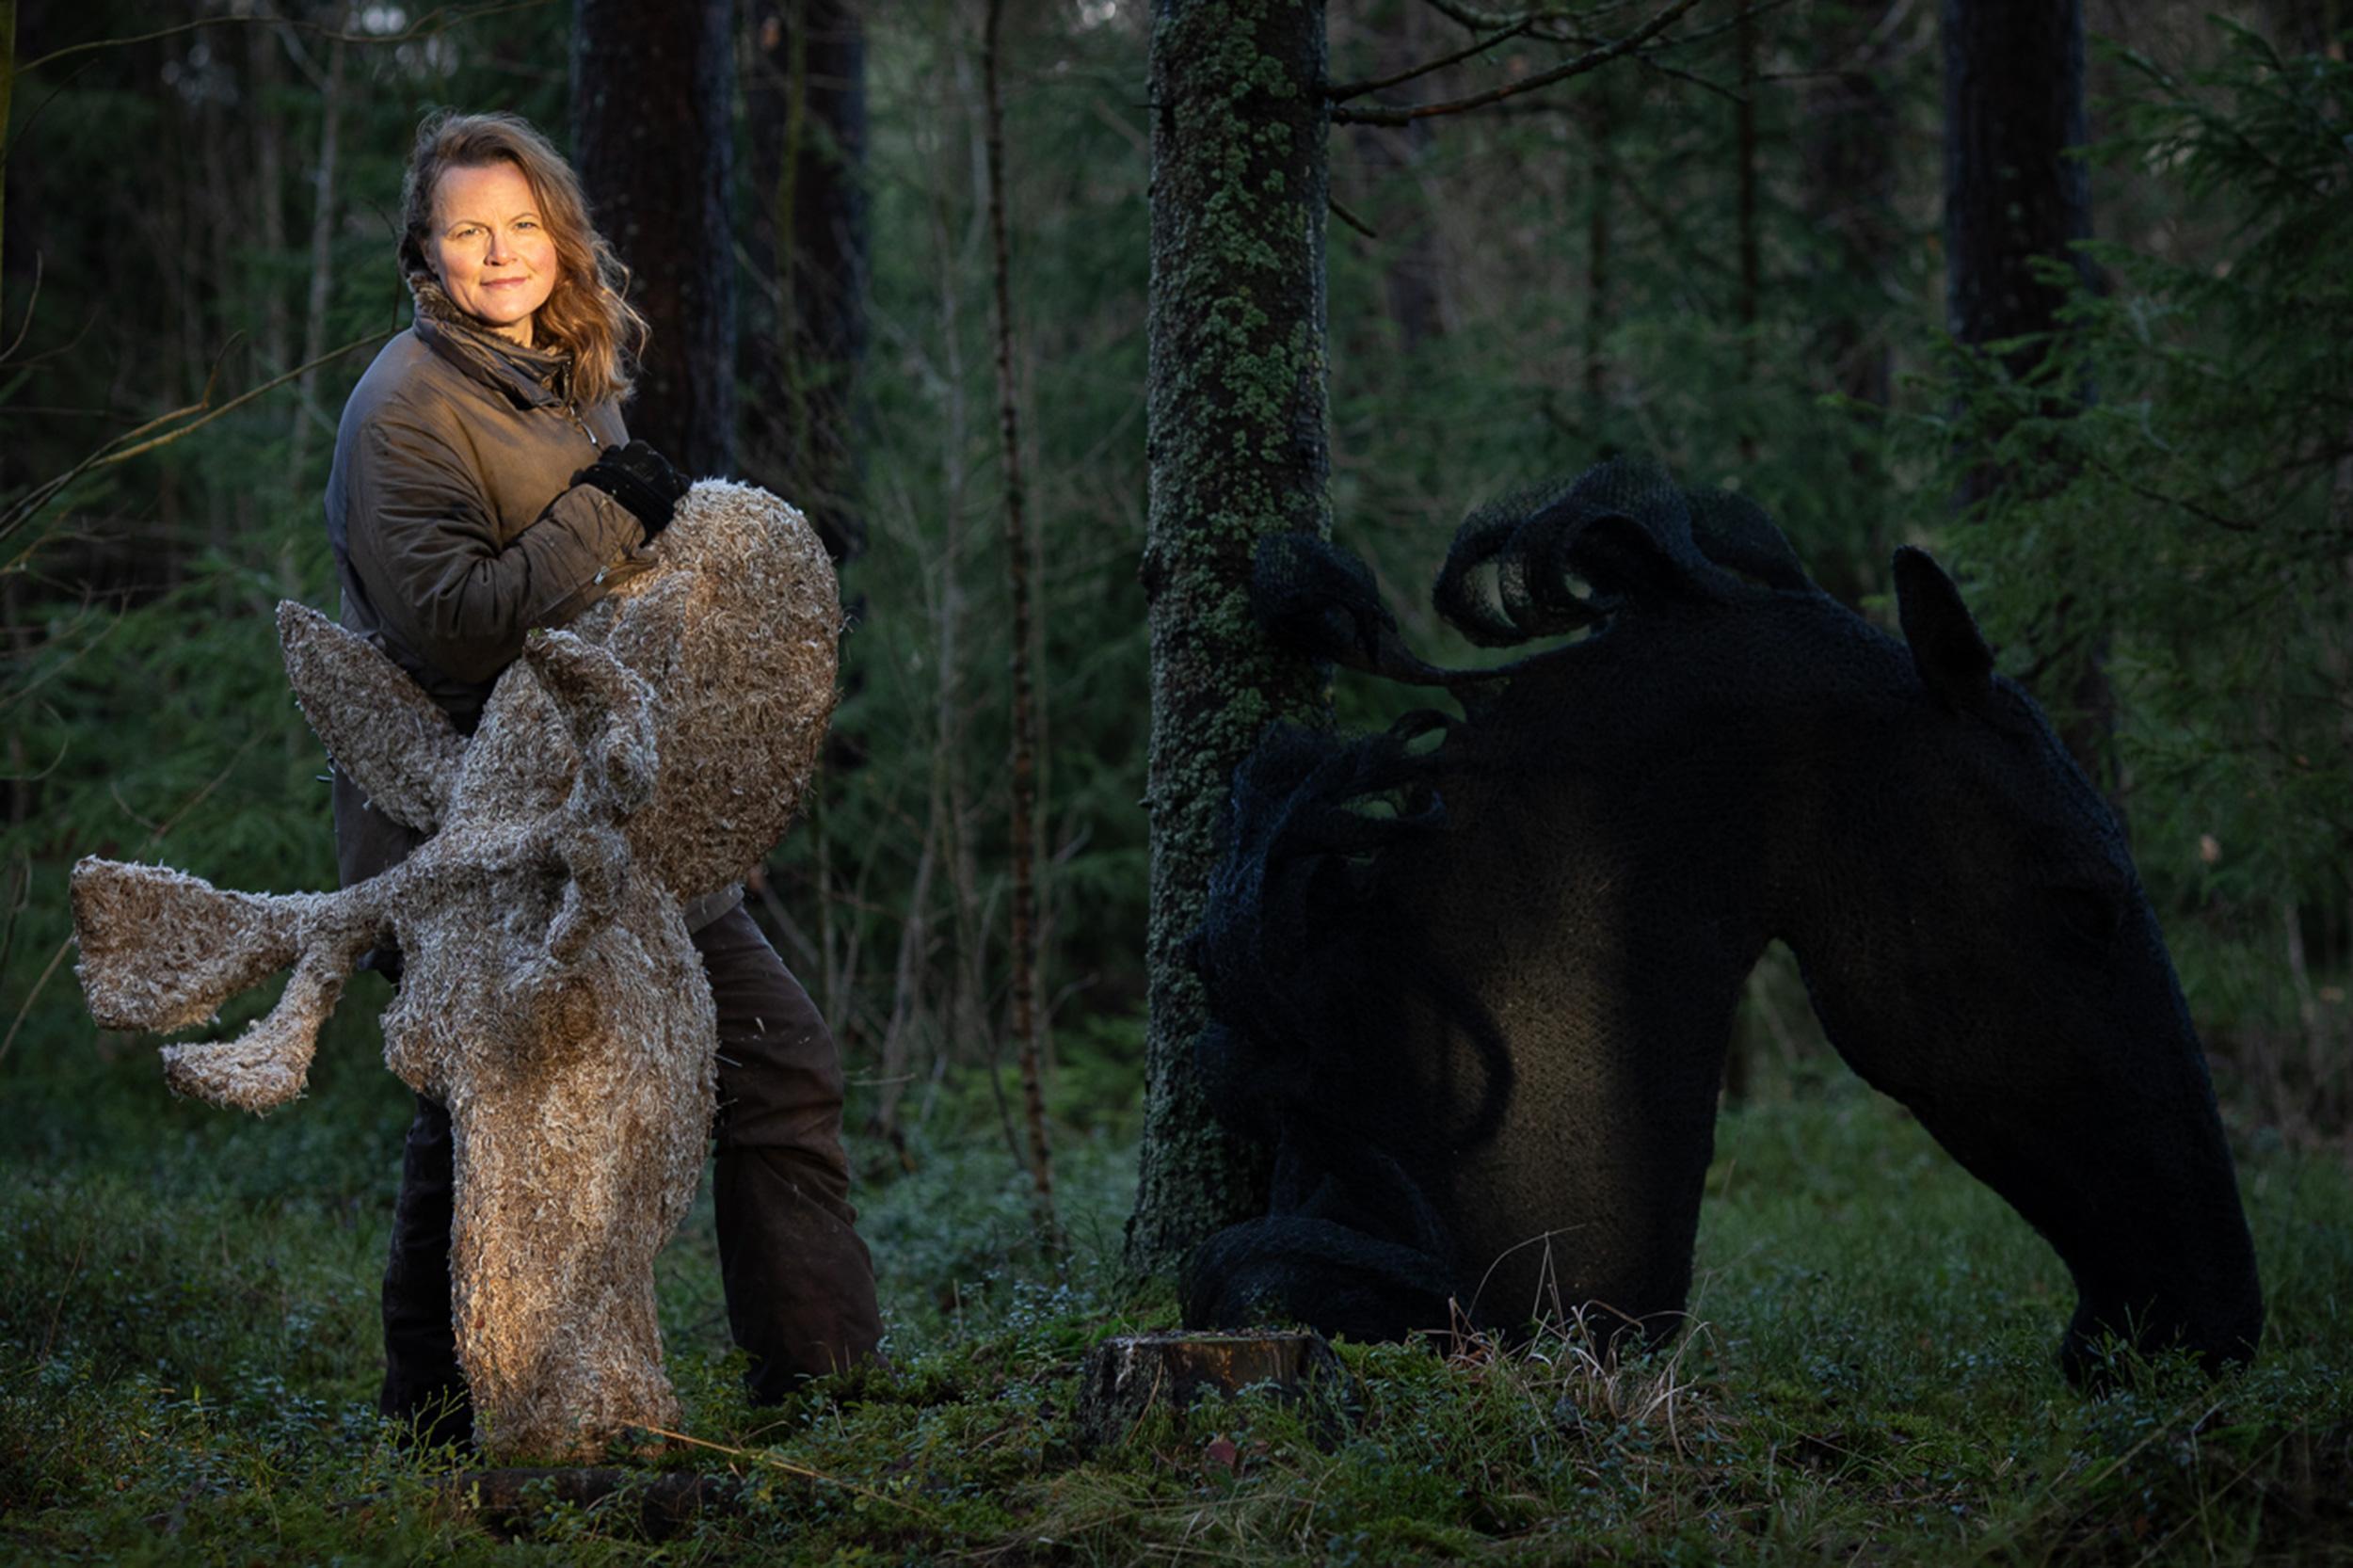 Tummassa metsässä seisoo nainen, joka katsoo kameraan ja nojaa puukuitumateriaalista tehtyn hirvenpäähän. Taustalla puuta vasten nojaa musta, verkkomaisesta materiaalista tehty hevosenpää.